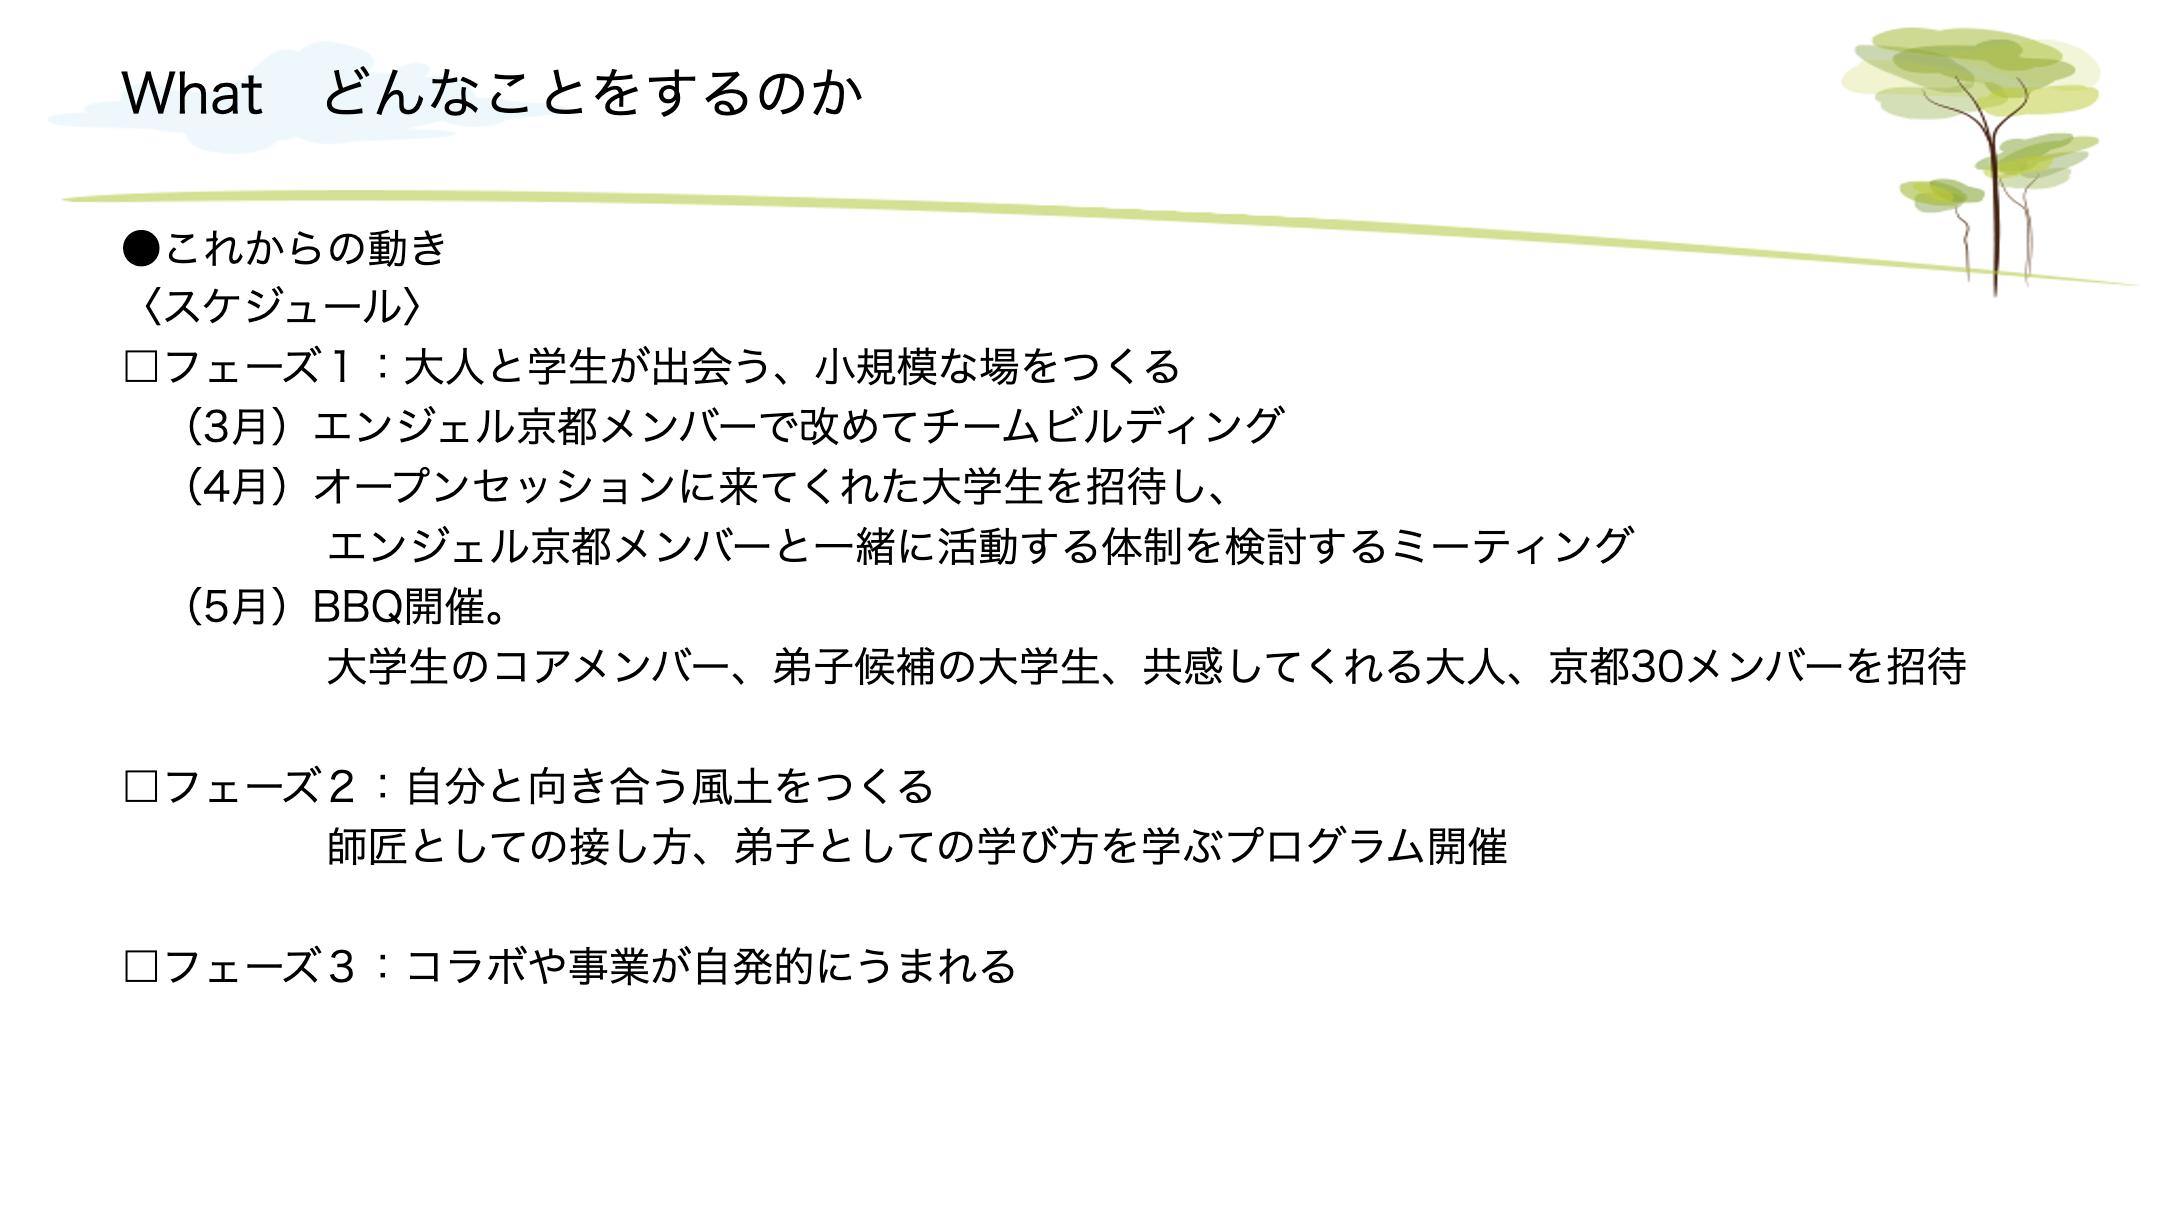 スクリーンショット 2020-09-01 10.50.28